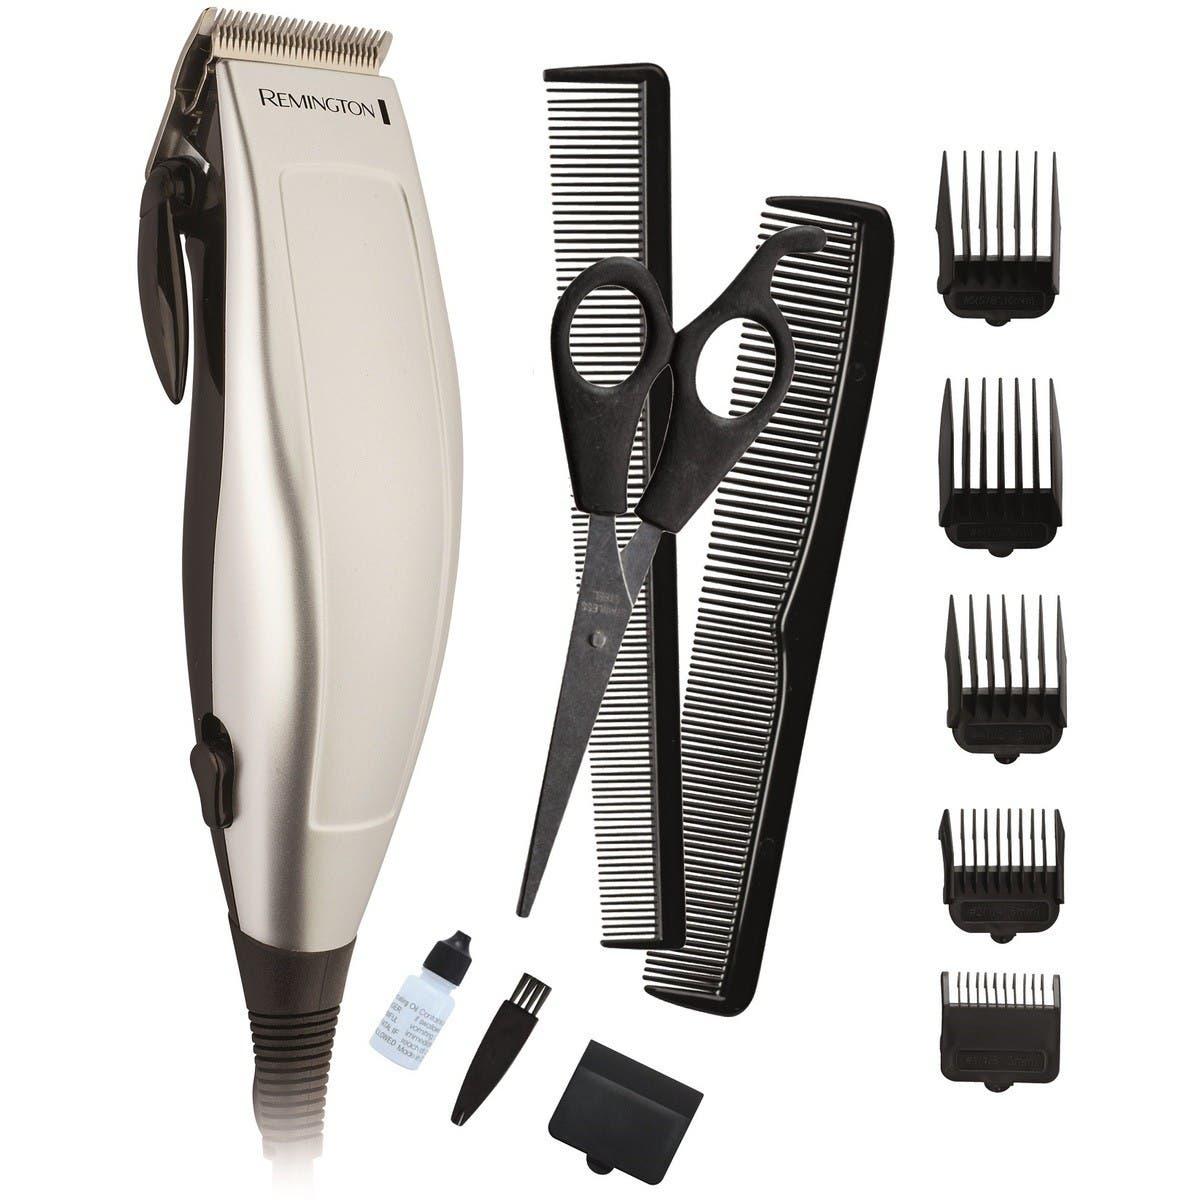 Remington Personal Haircut Kit - HC70A